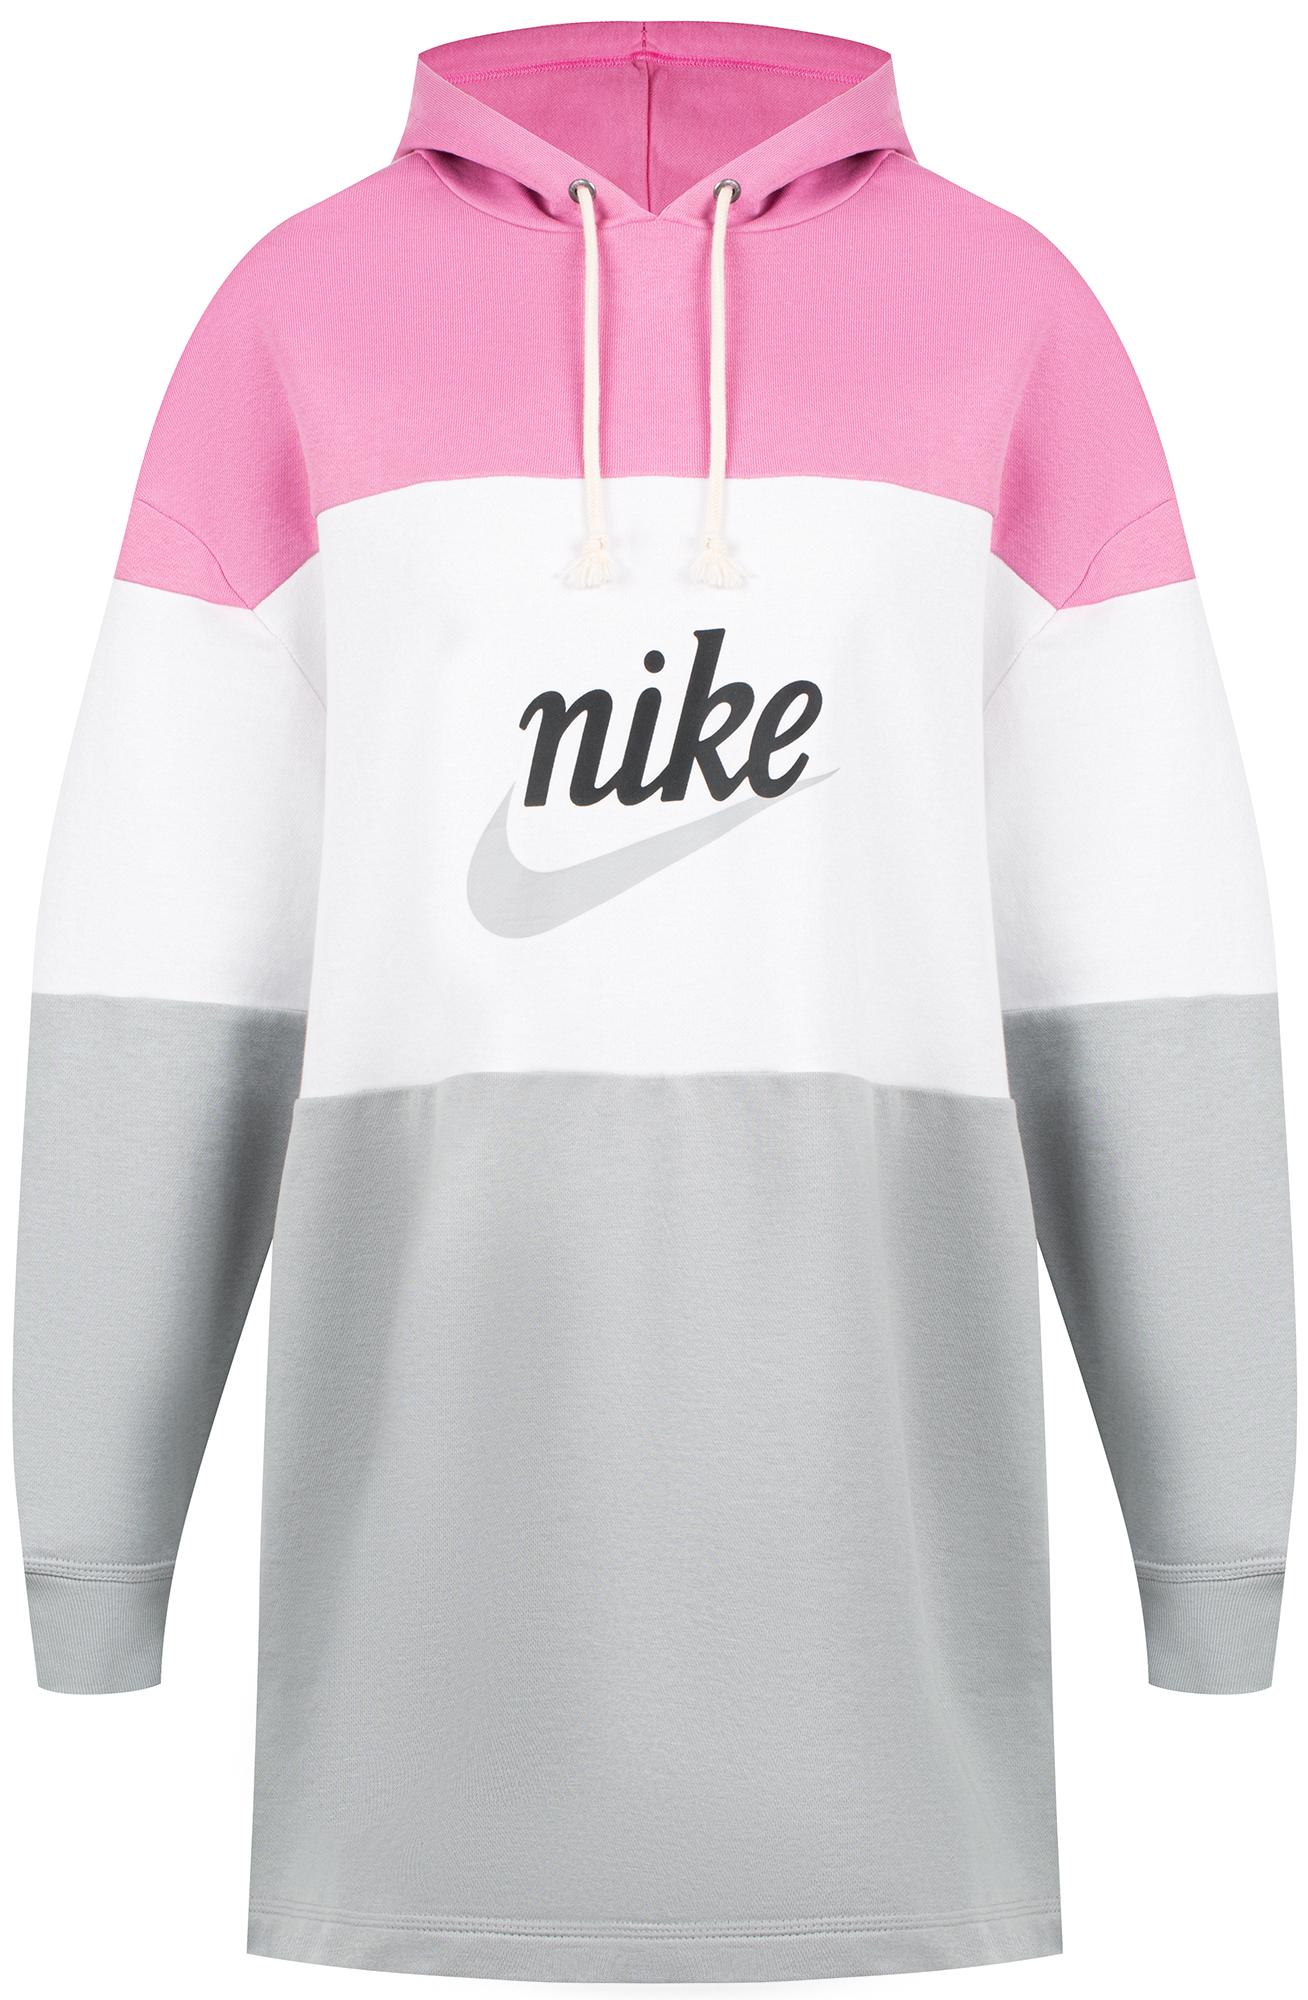 лучшая цена Nike Платье женское Nike, размер 46-48